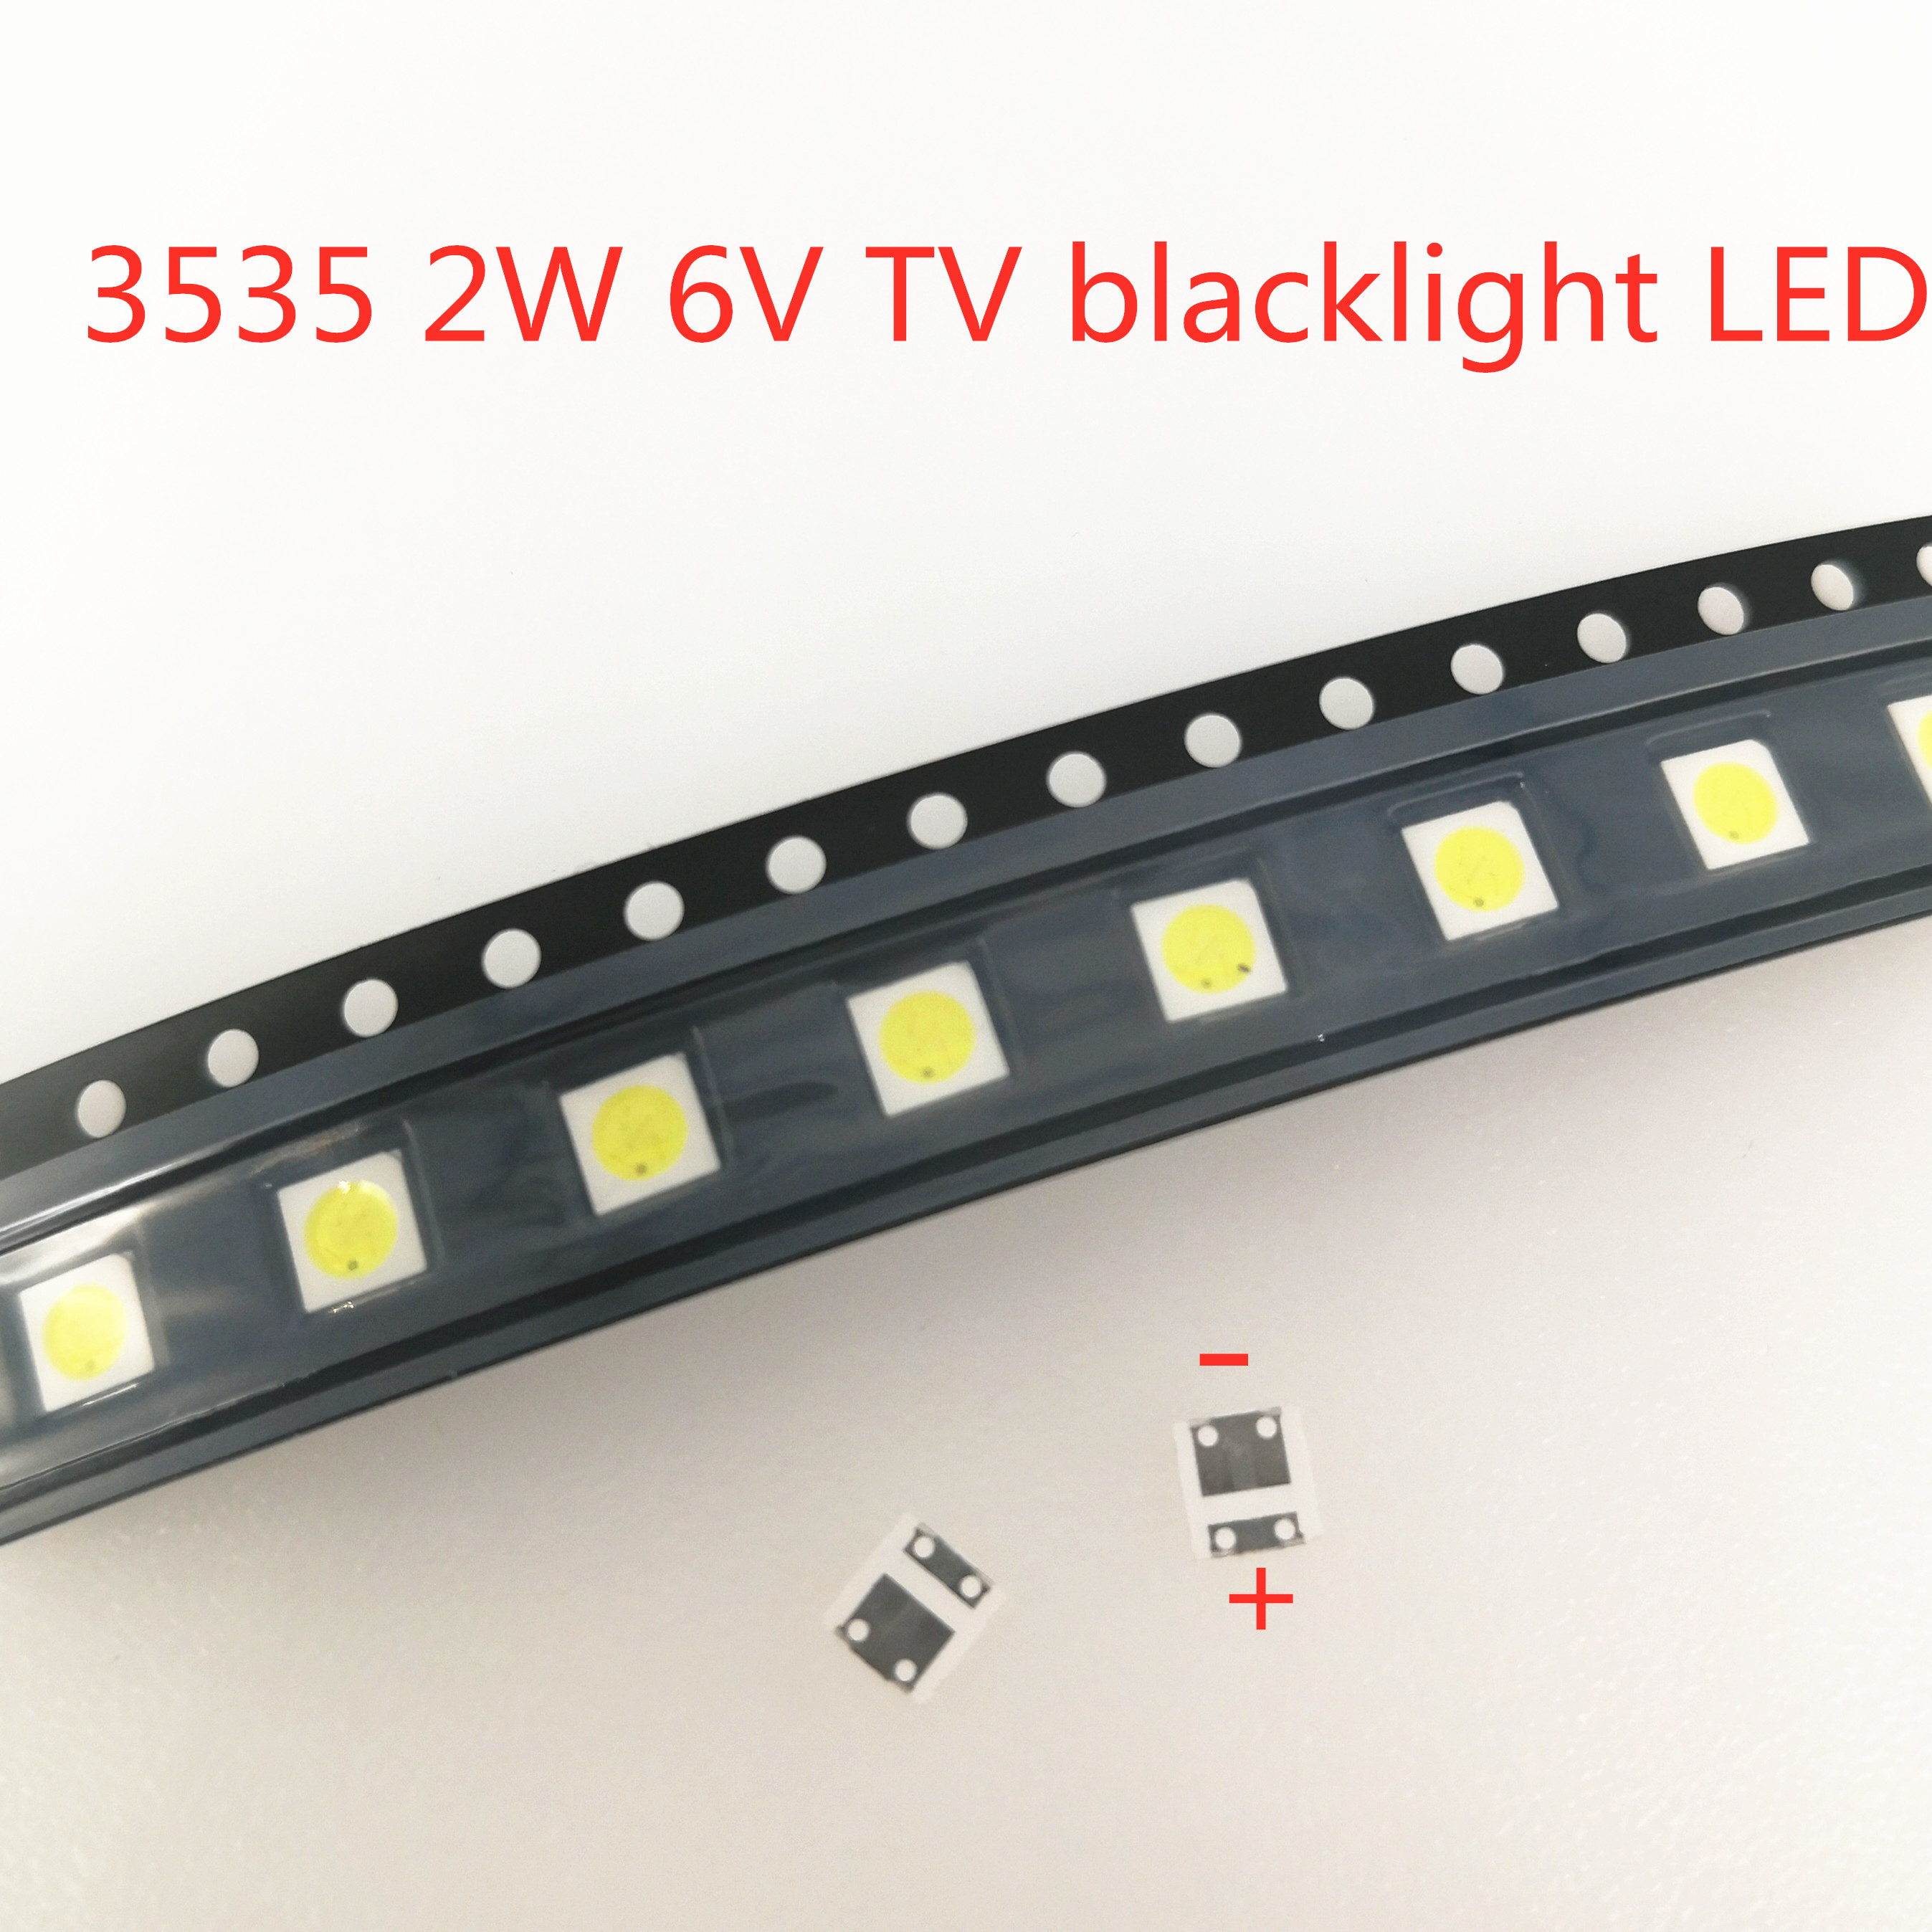 50-1000PCS 2W 6V 3V 1W 3535 SMD LED Sostituire LG Innotek Ypnl-TV LCD perle di Luce posteriore TV Retroilluminazione Diodo Riparazione Applicazione